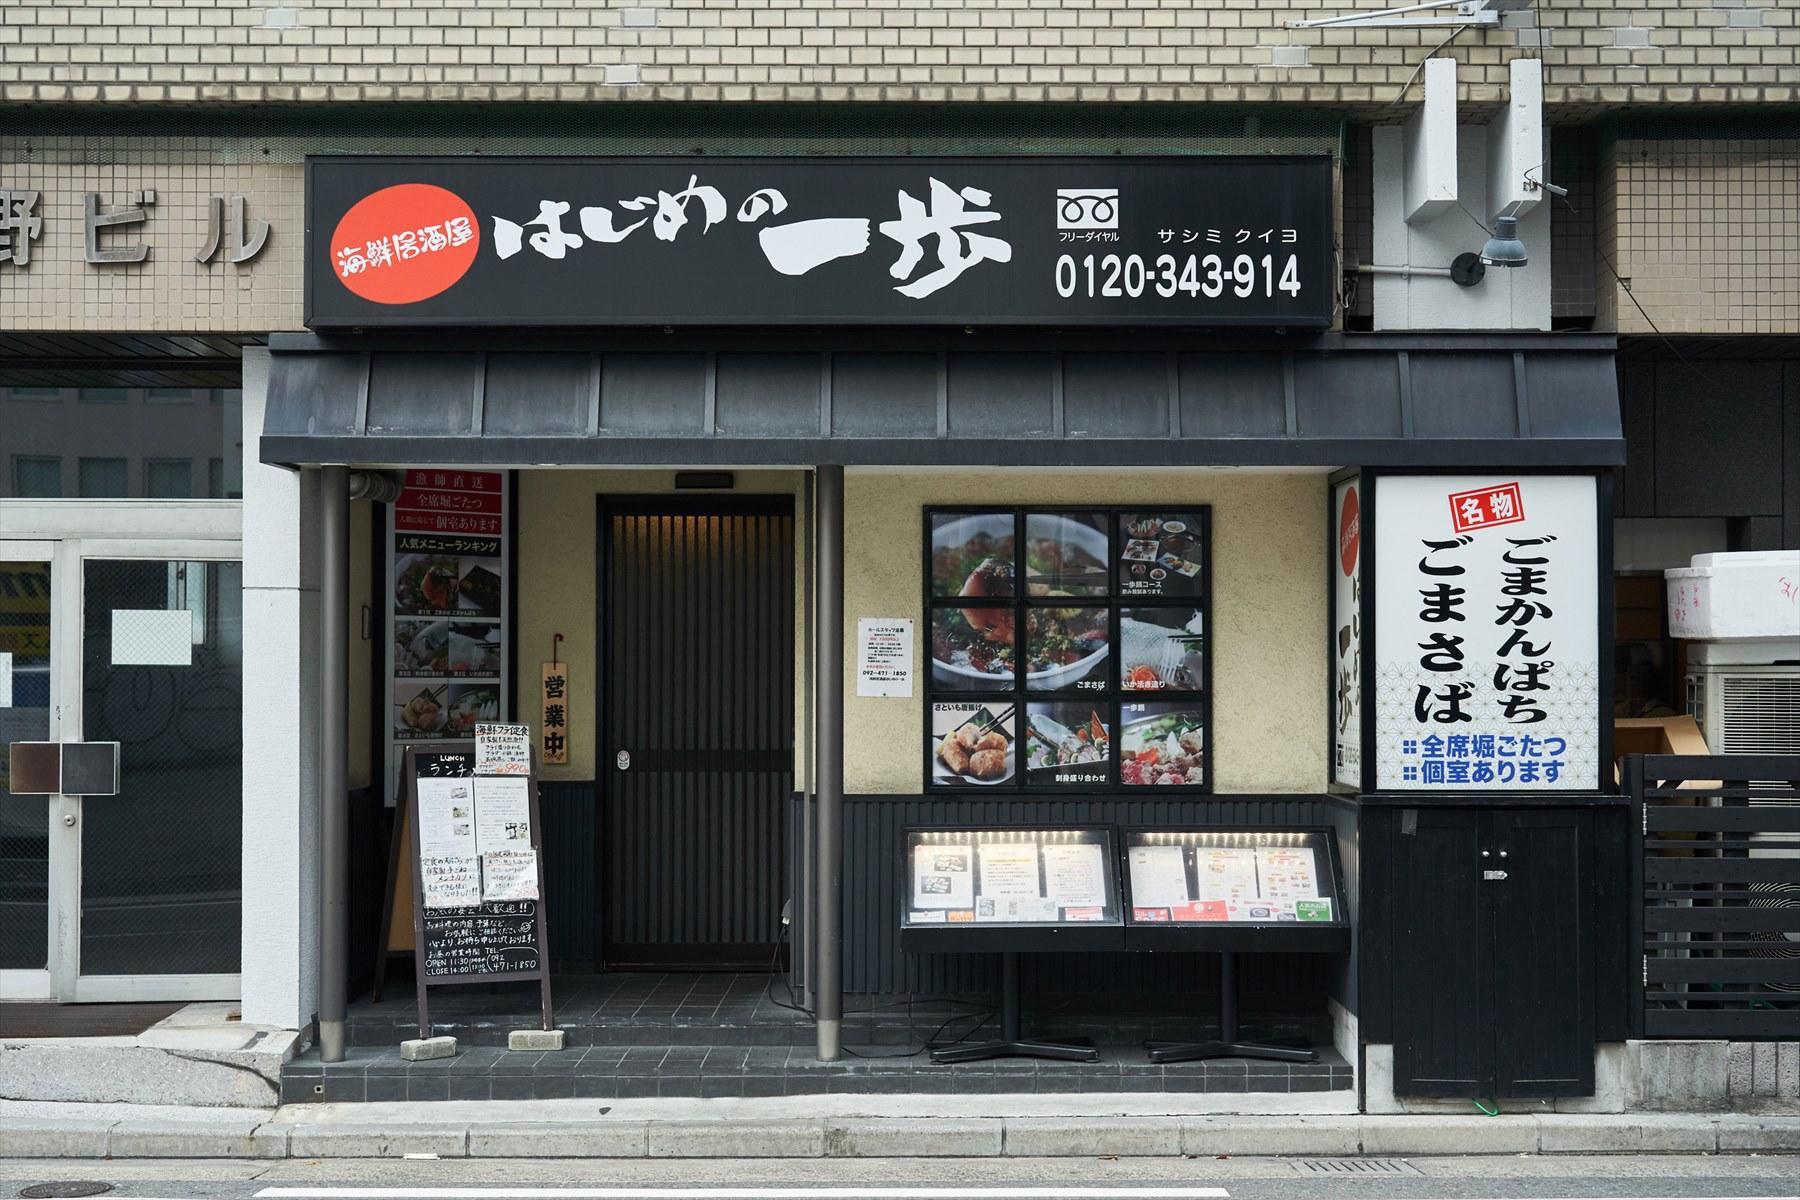 福岡のソウルフード、ごまさば丼は新鮮なうちにパクり | 飛んでいきたい、うまい旅 | 【公式】dancyu (ダンチュウ)